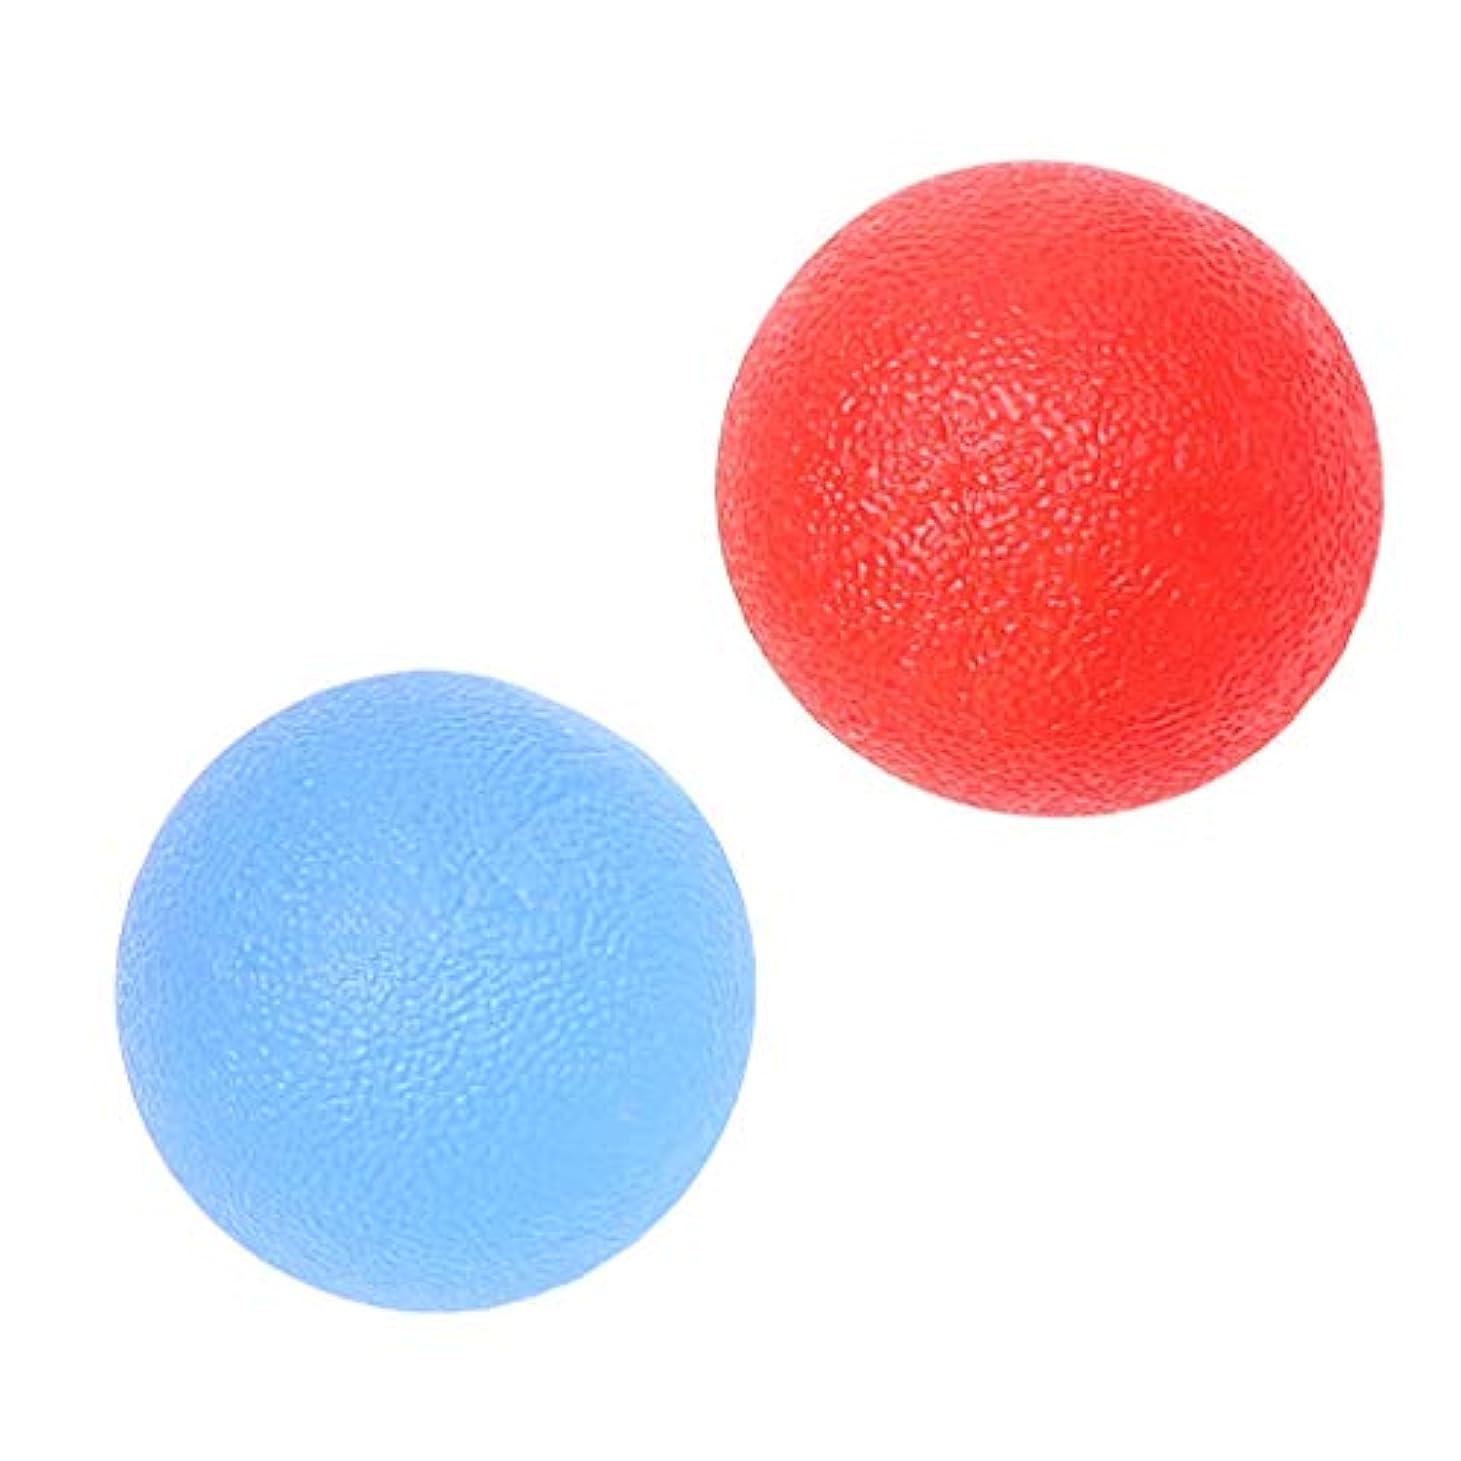 グラフ吸う性的CUTICATE 2個 ハンドエクササイズボール ハンドグリップ シリコン 指トレーニング ストレス緩和 減圧 赤/青